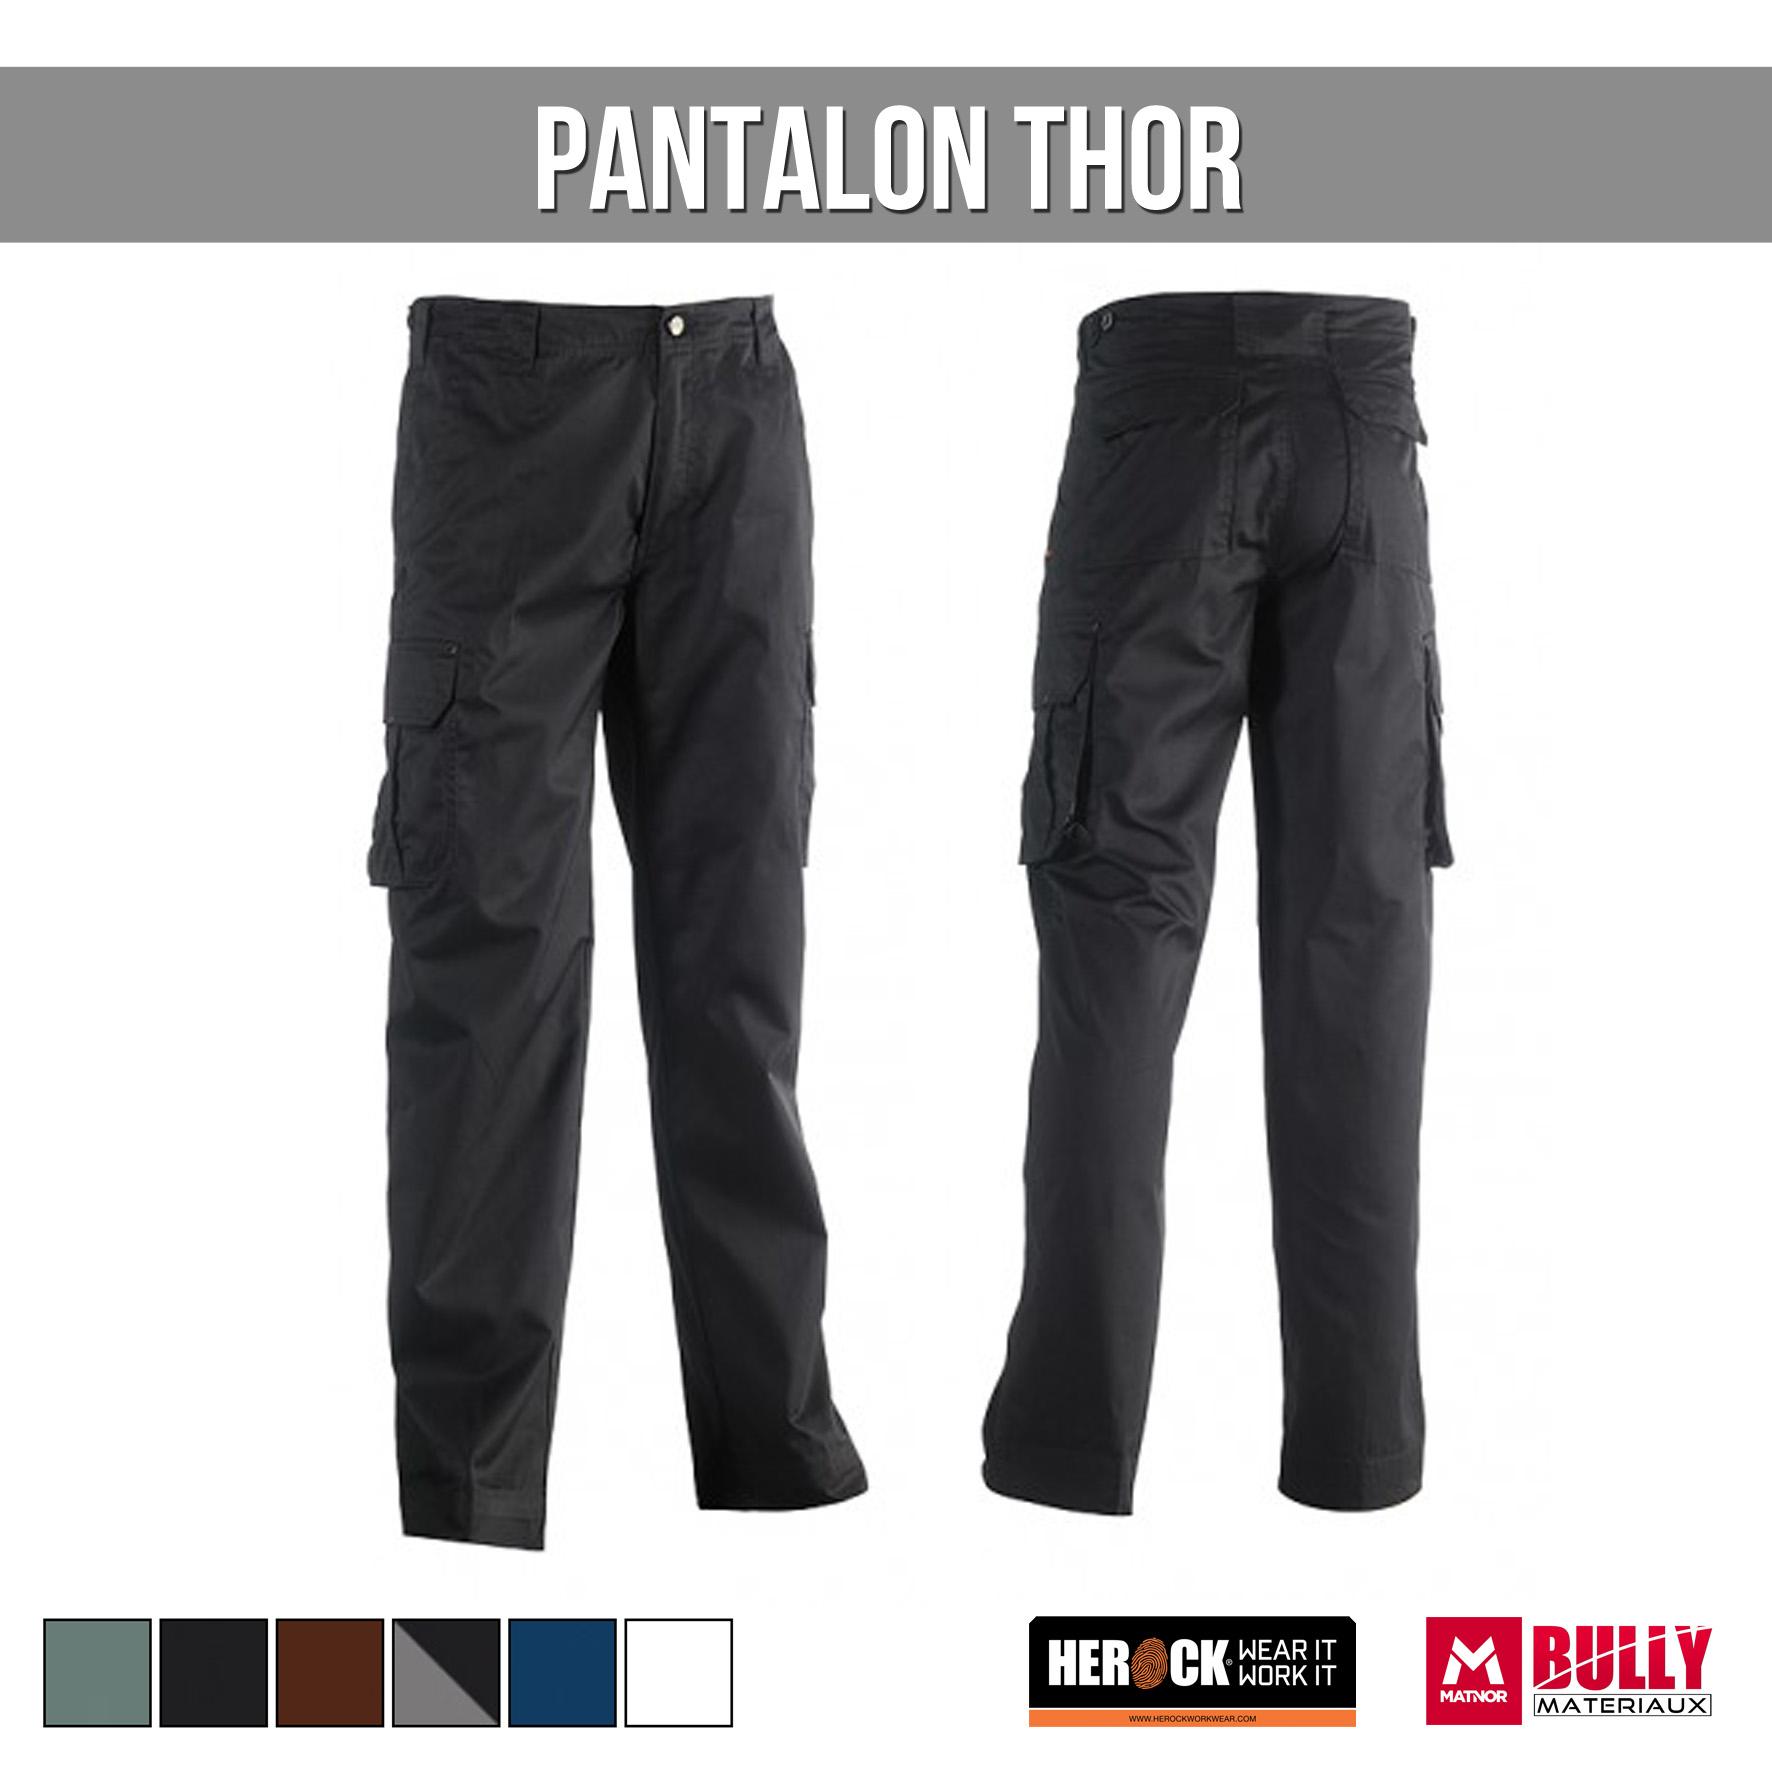 Pantalon thor